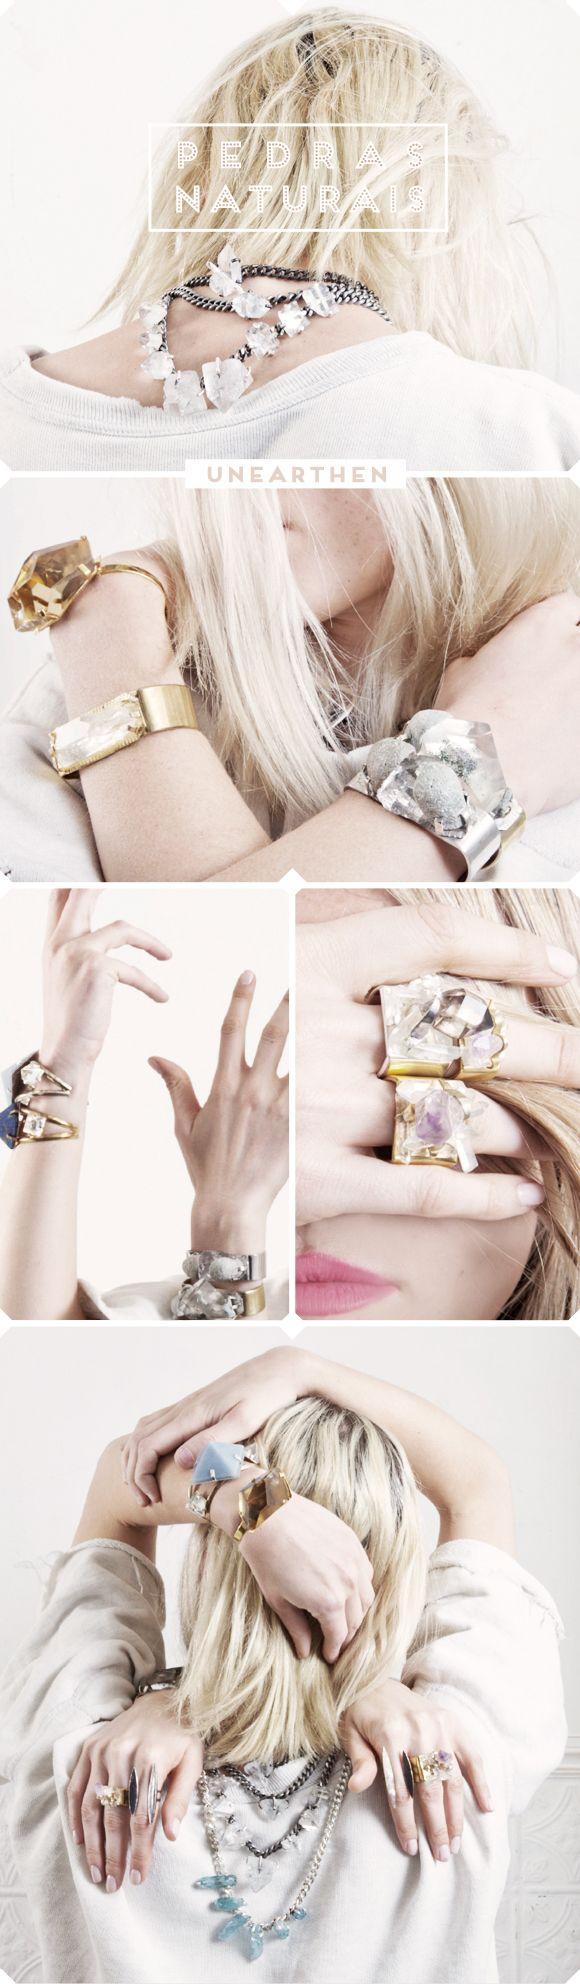 Unearthen: bijoux de pedras brutas